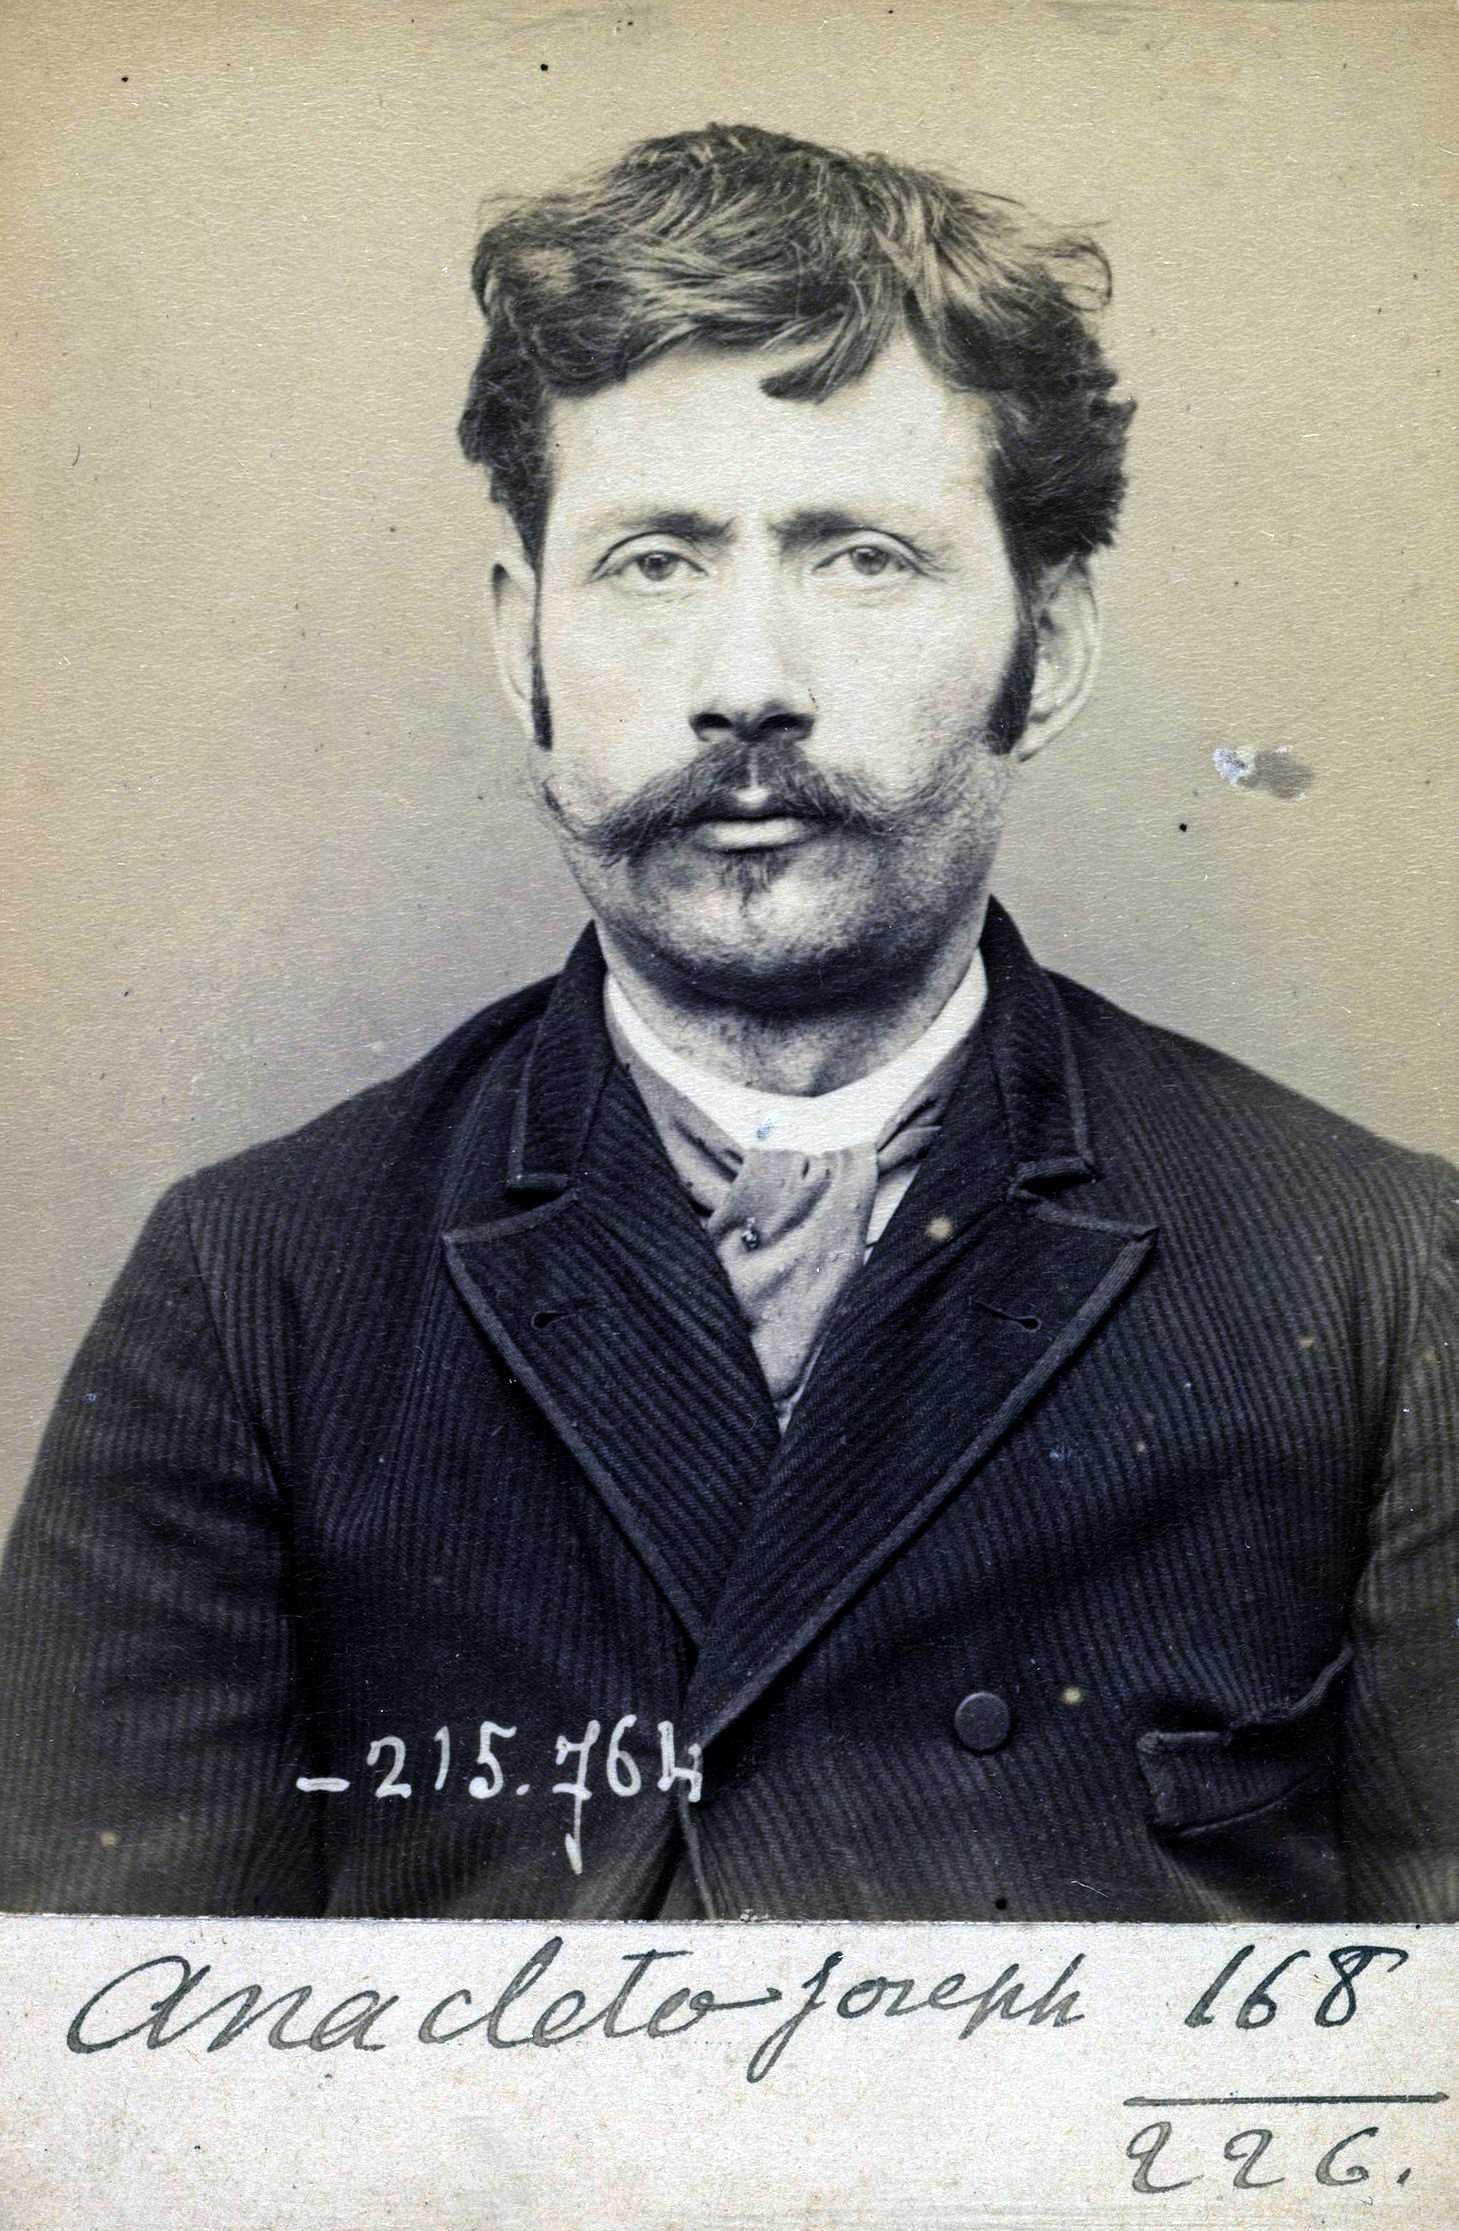 Foto policíaca de Joseph Anacléto (16 de març de 1894)